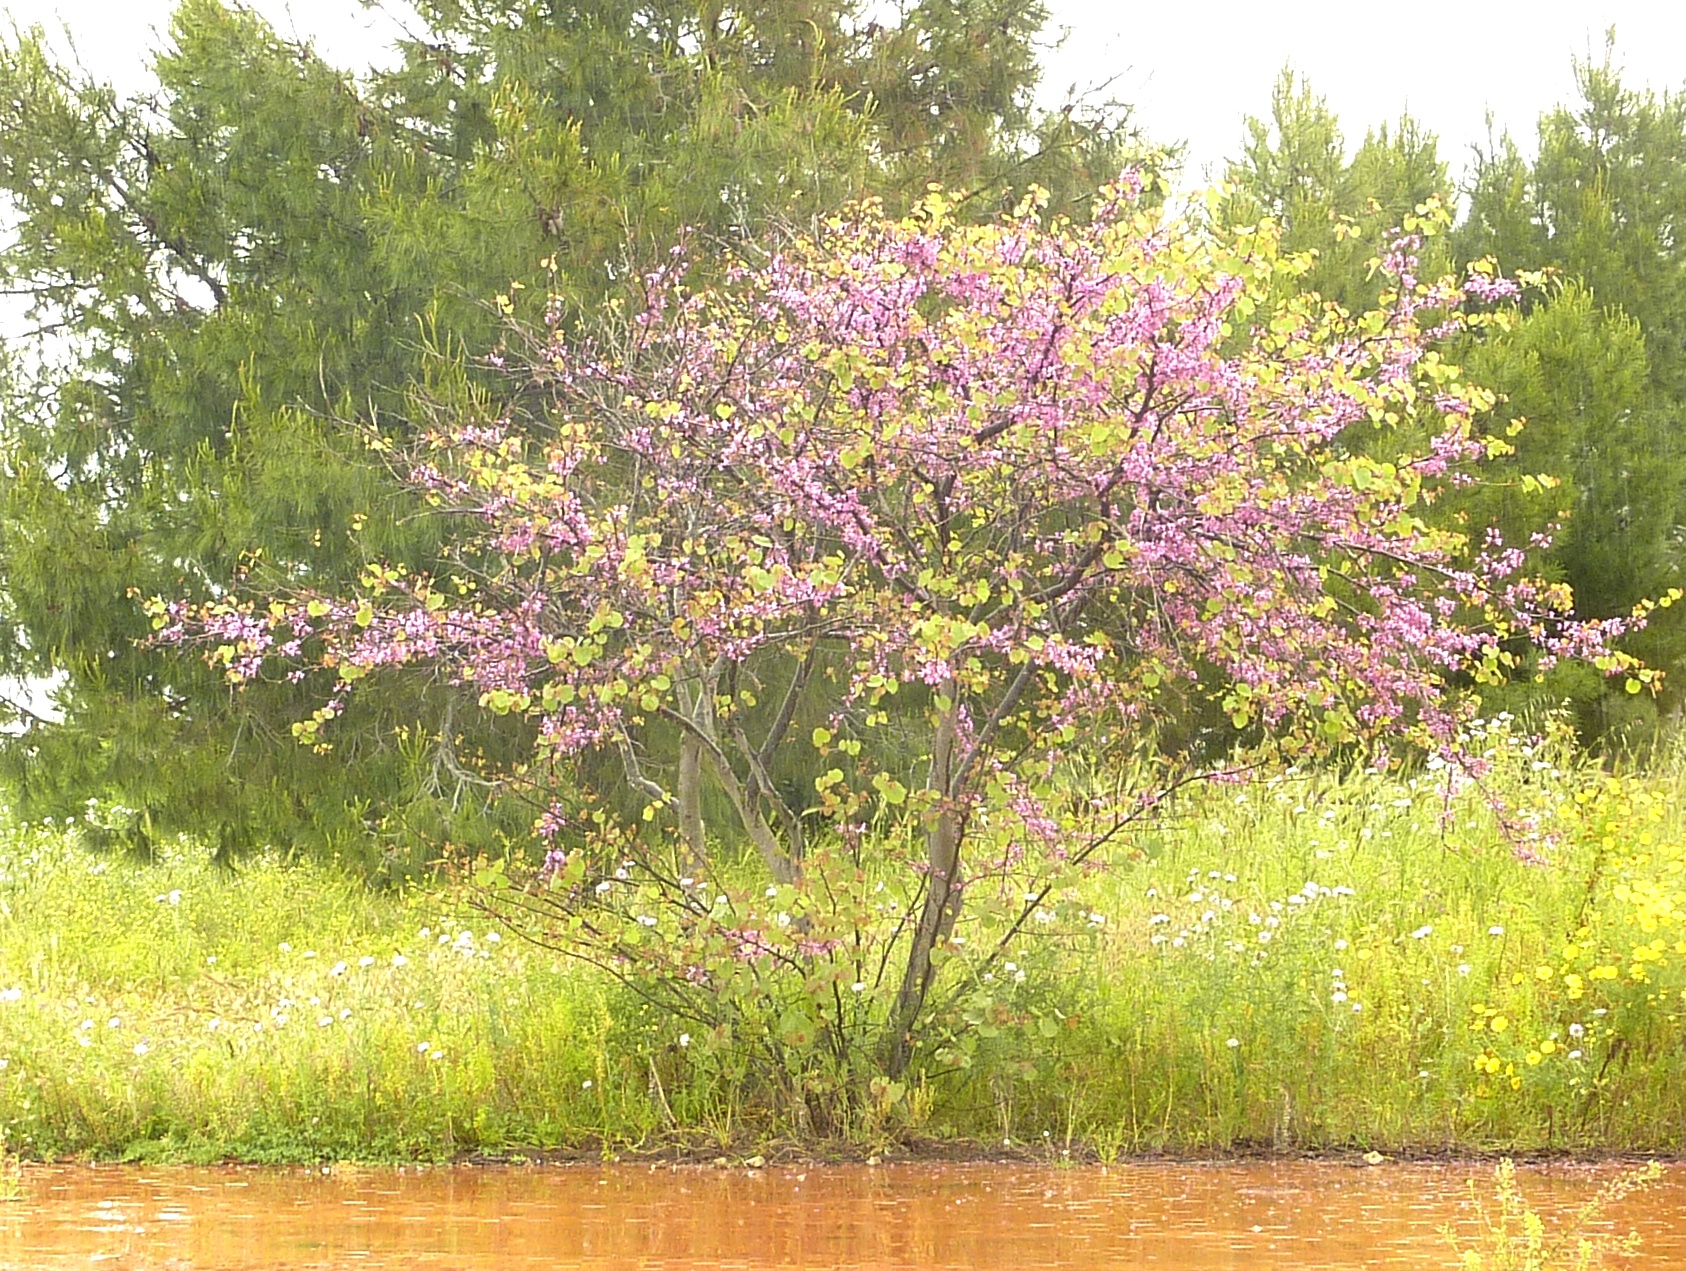 judasbaum in sizilien gemeiner judasbaum flora natur. Black Bedroom Furniture Sets. Home Design Ideas